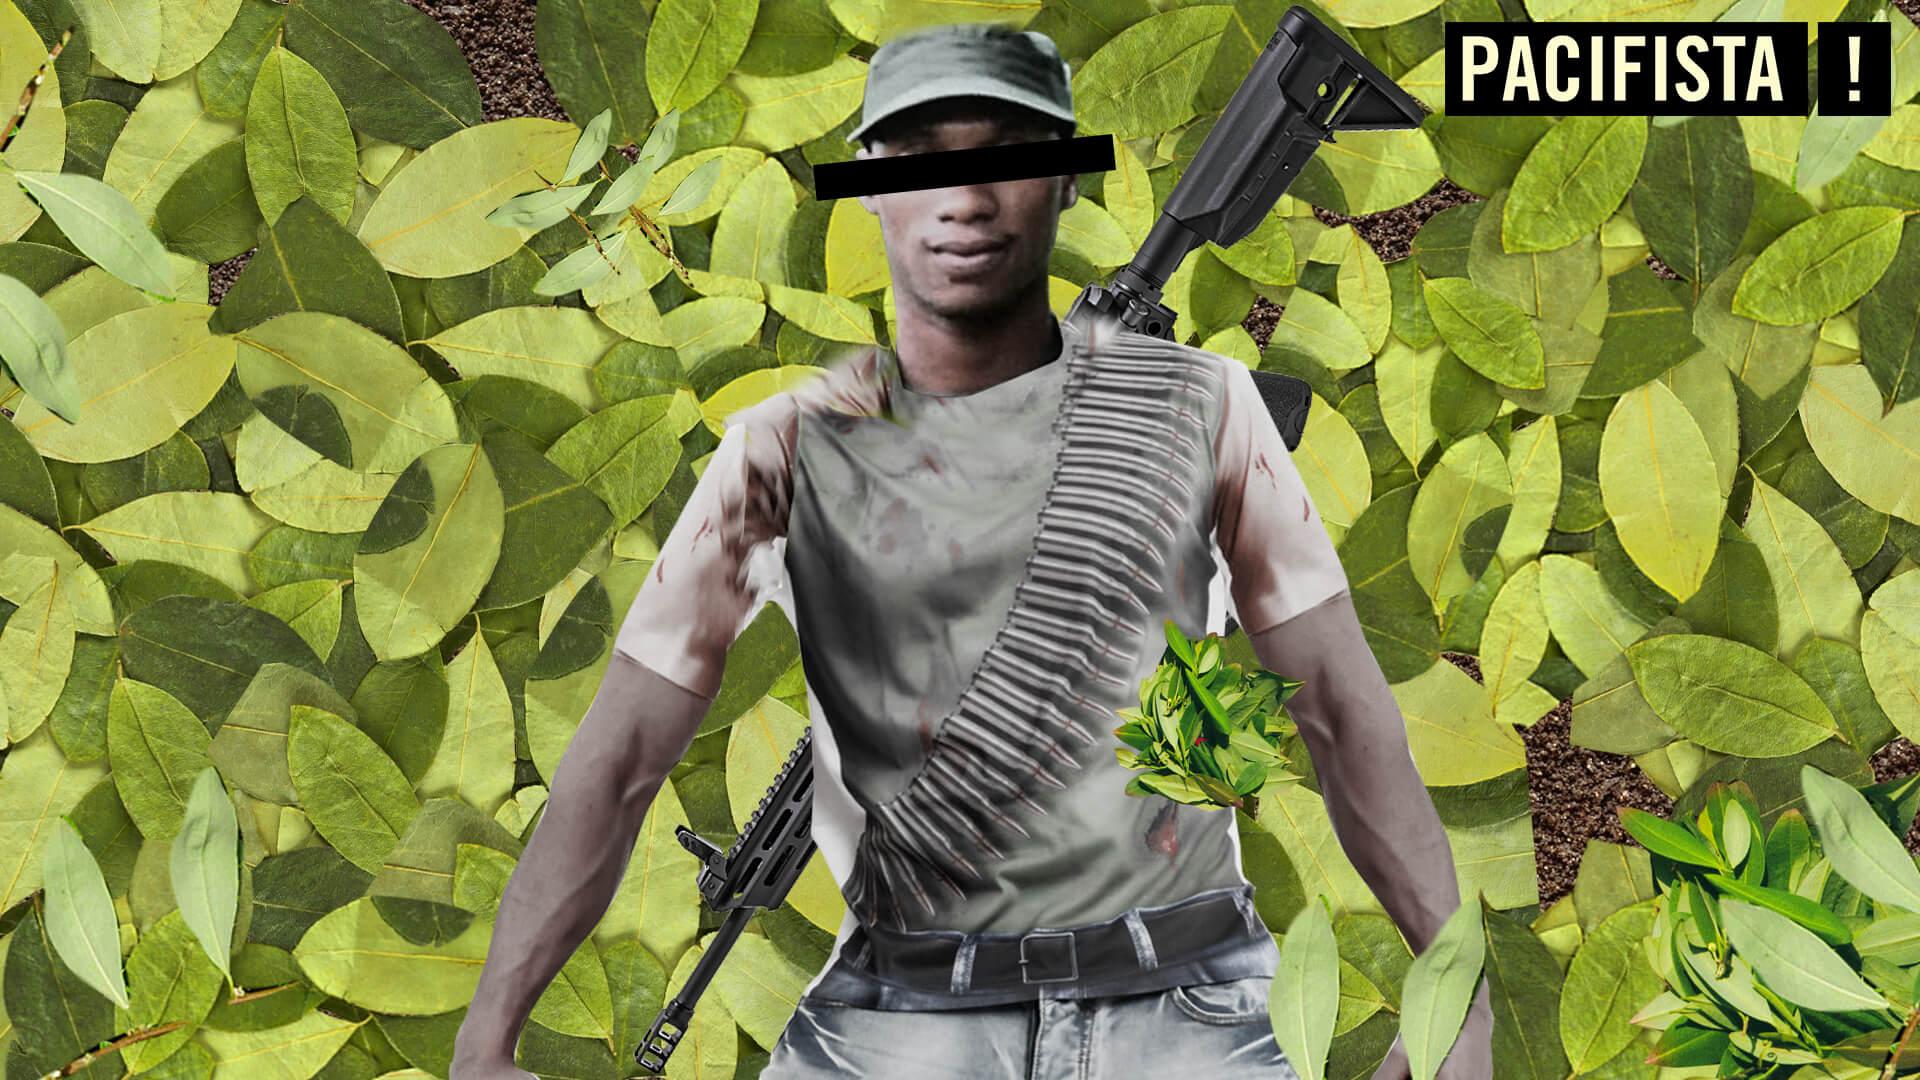 La vida de Guacho: otro 'monstruo' hijo de la guerra en Colombia